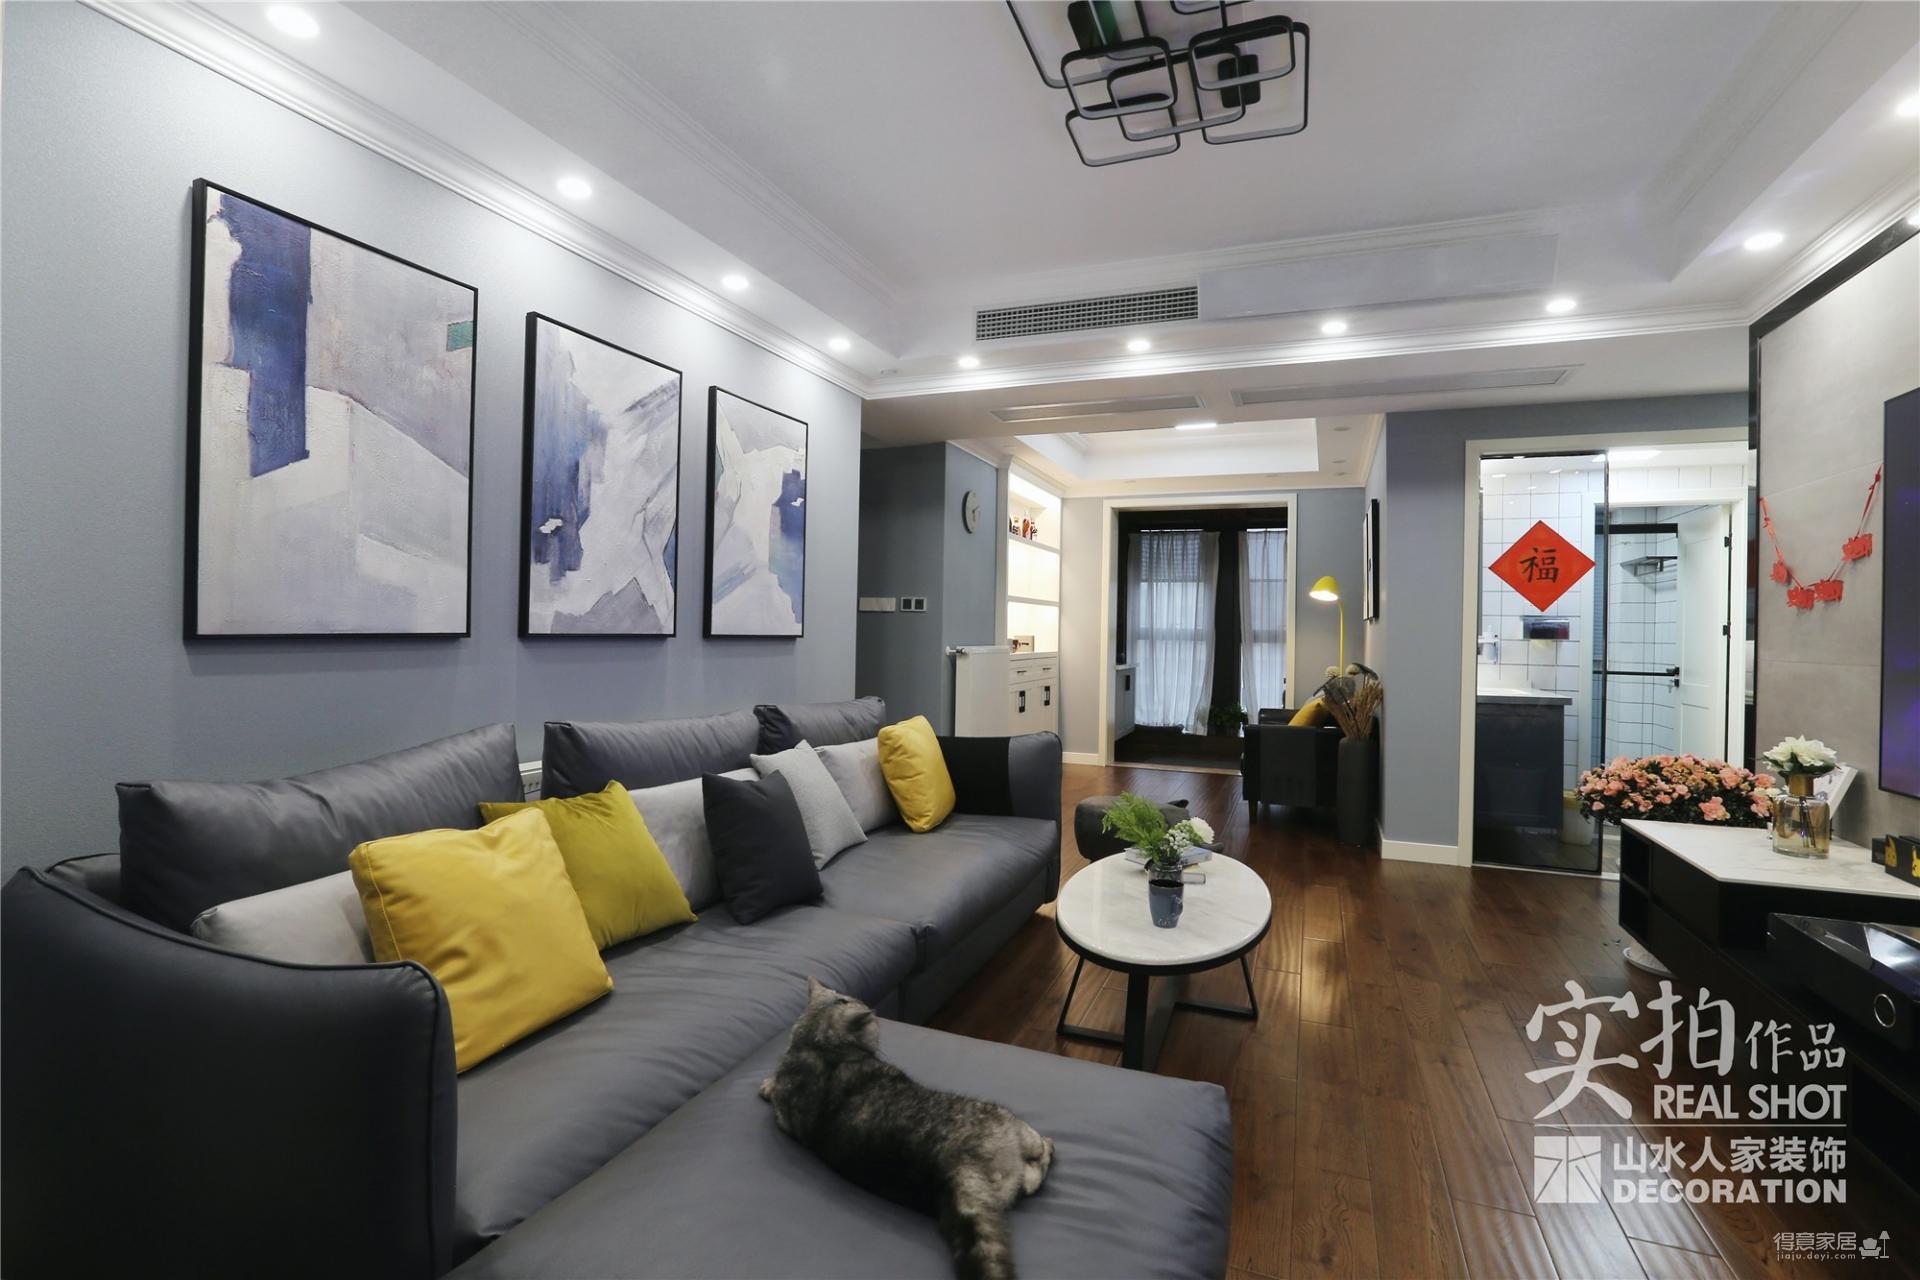 月湖琴声160平四室两厅现代